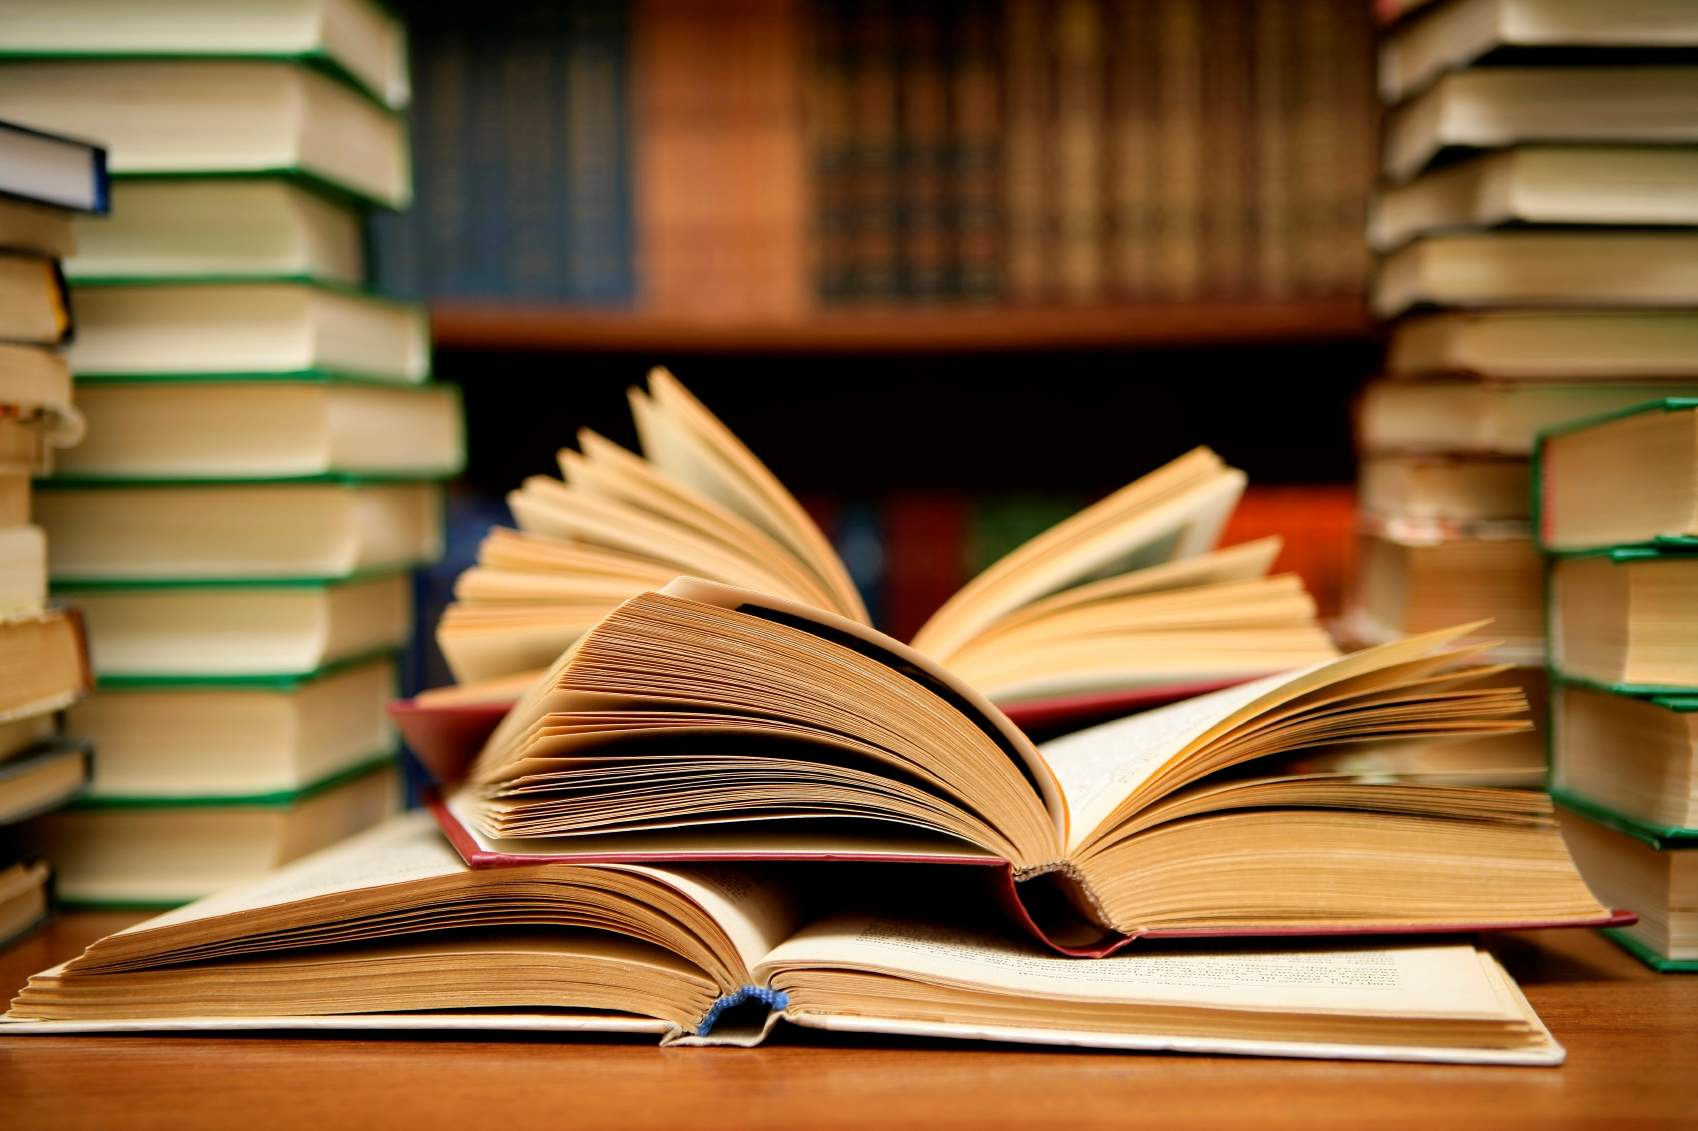 Снятся Книги